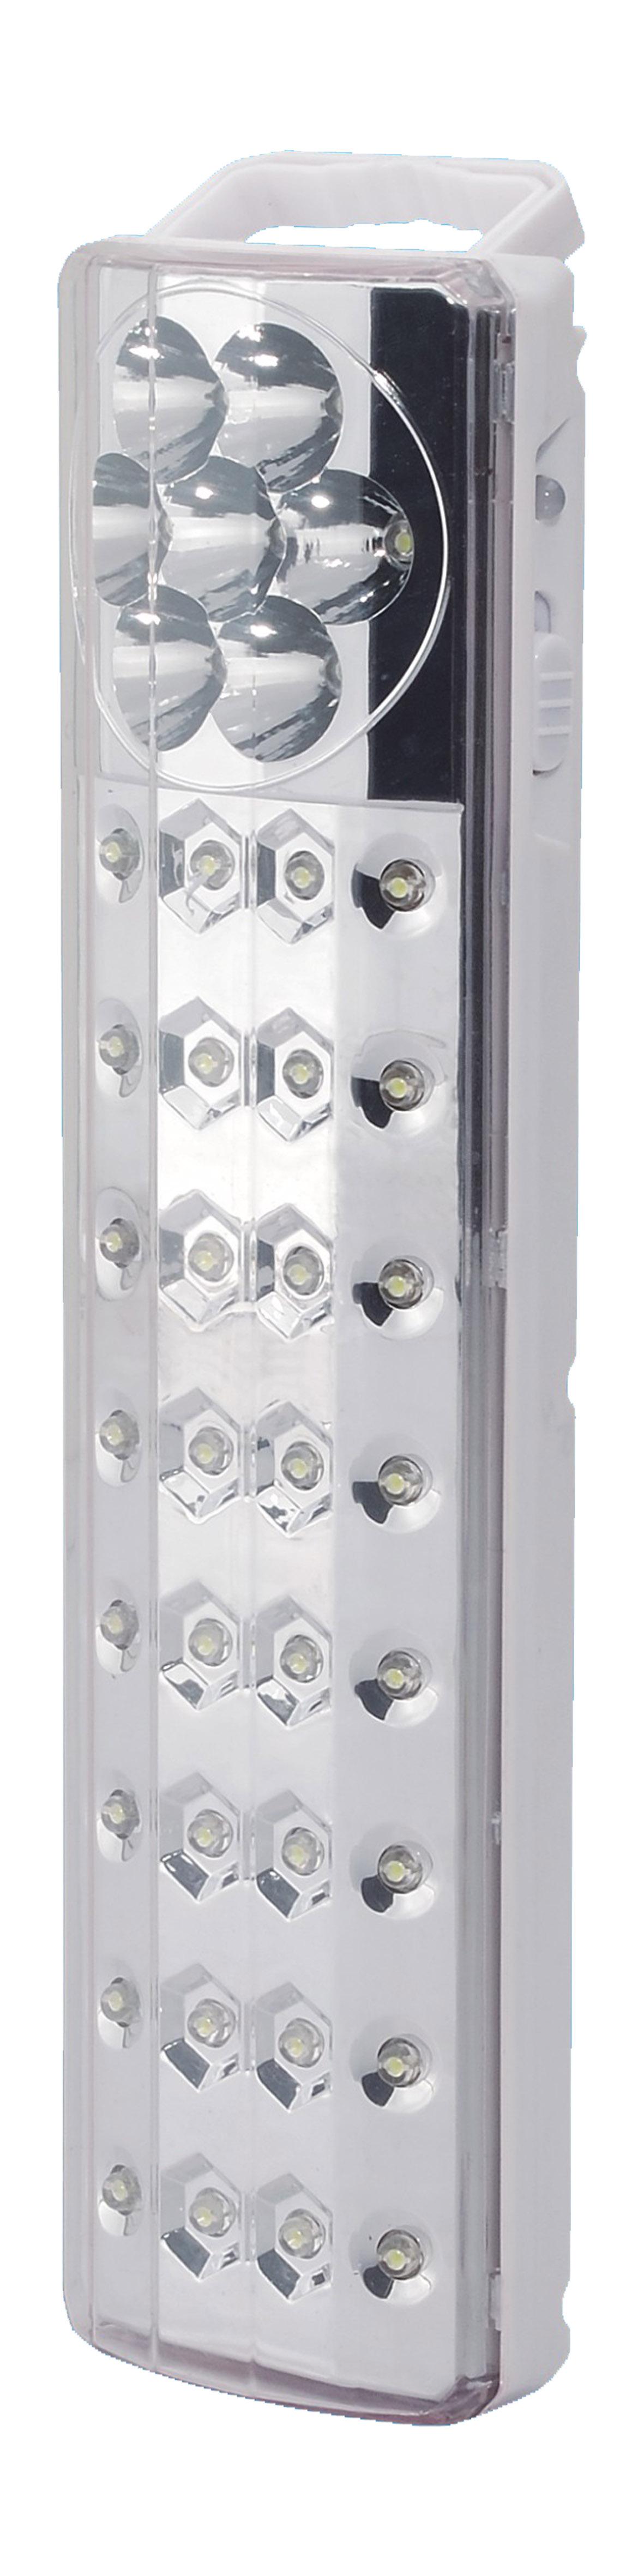 Lampe LED de secours 32+7 LED - LED Light